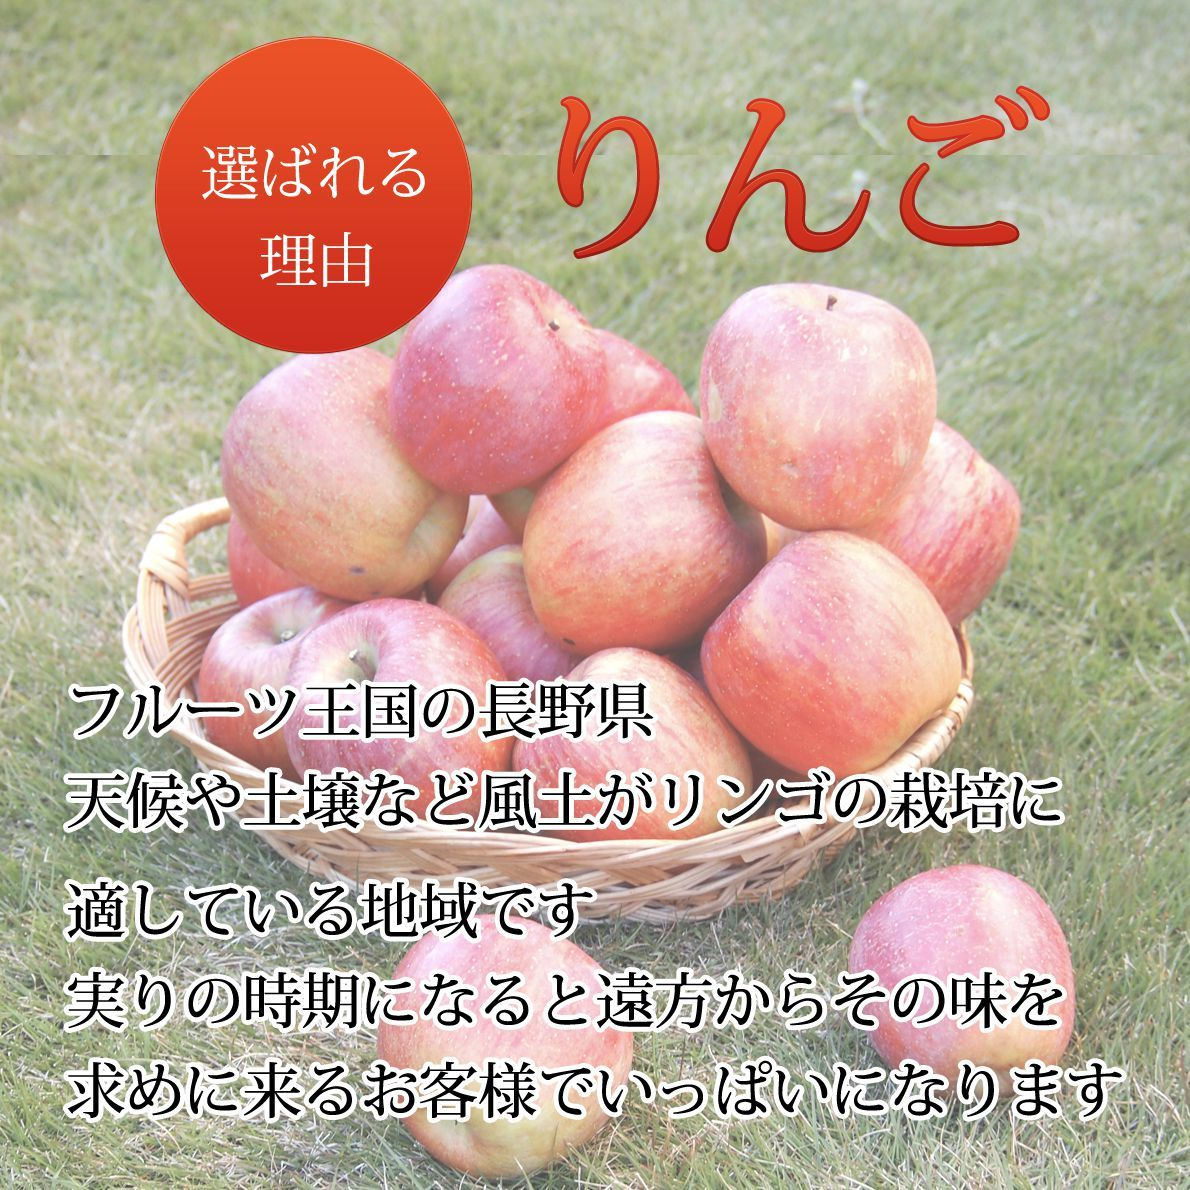 長野県りんご